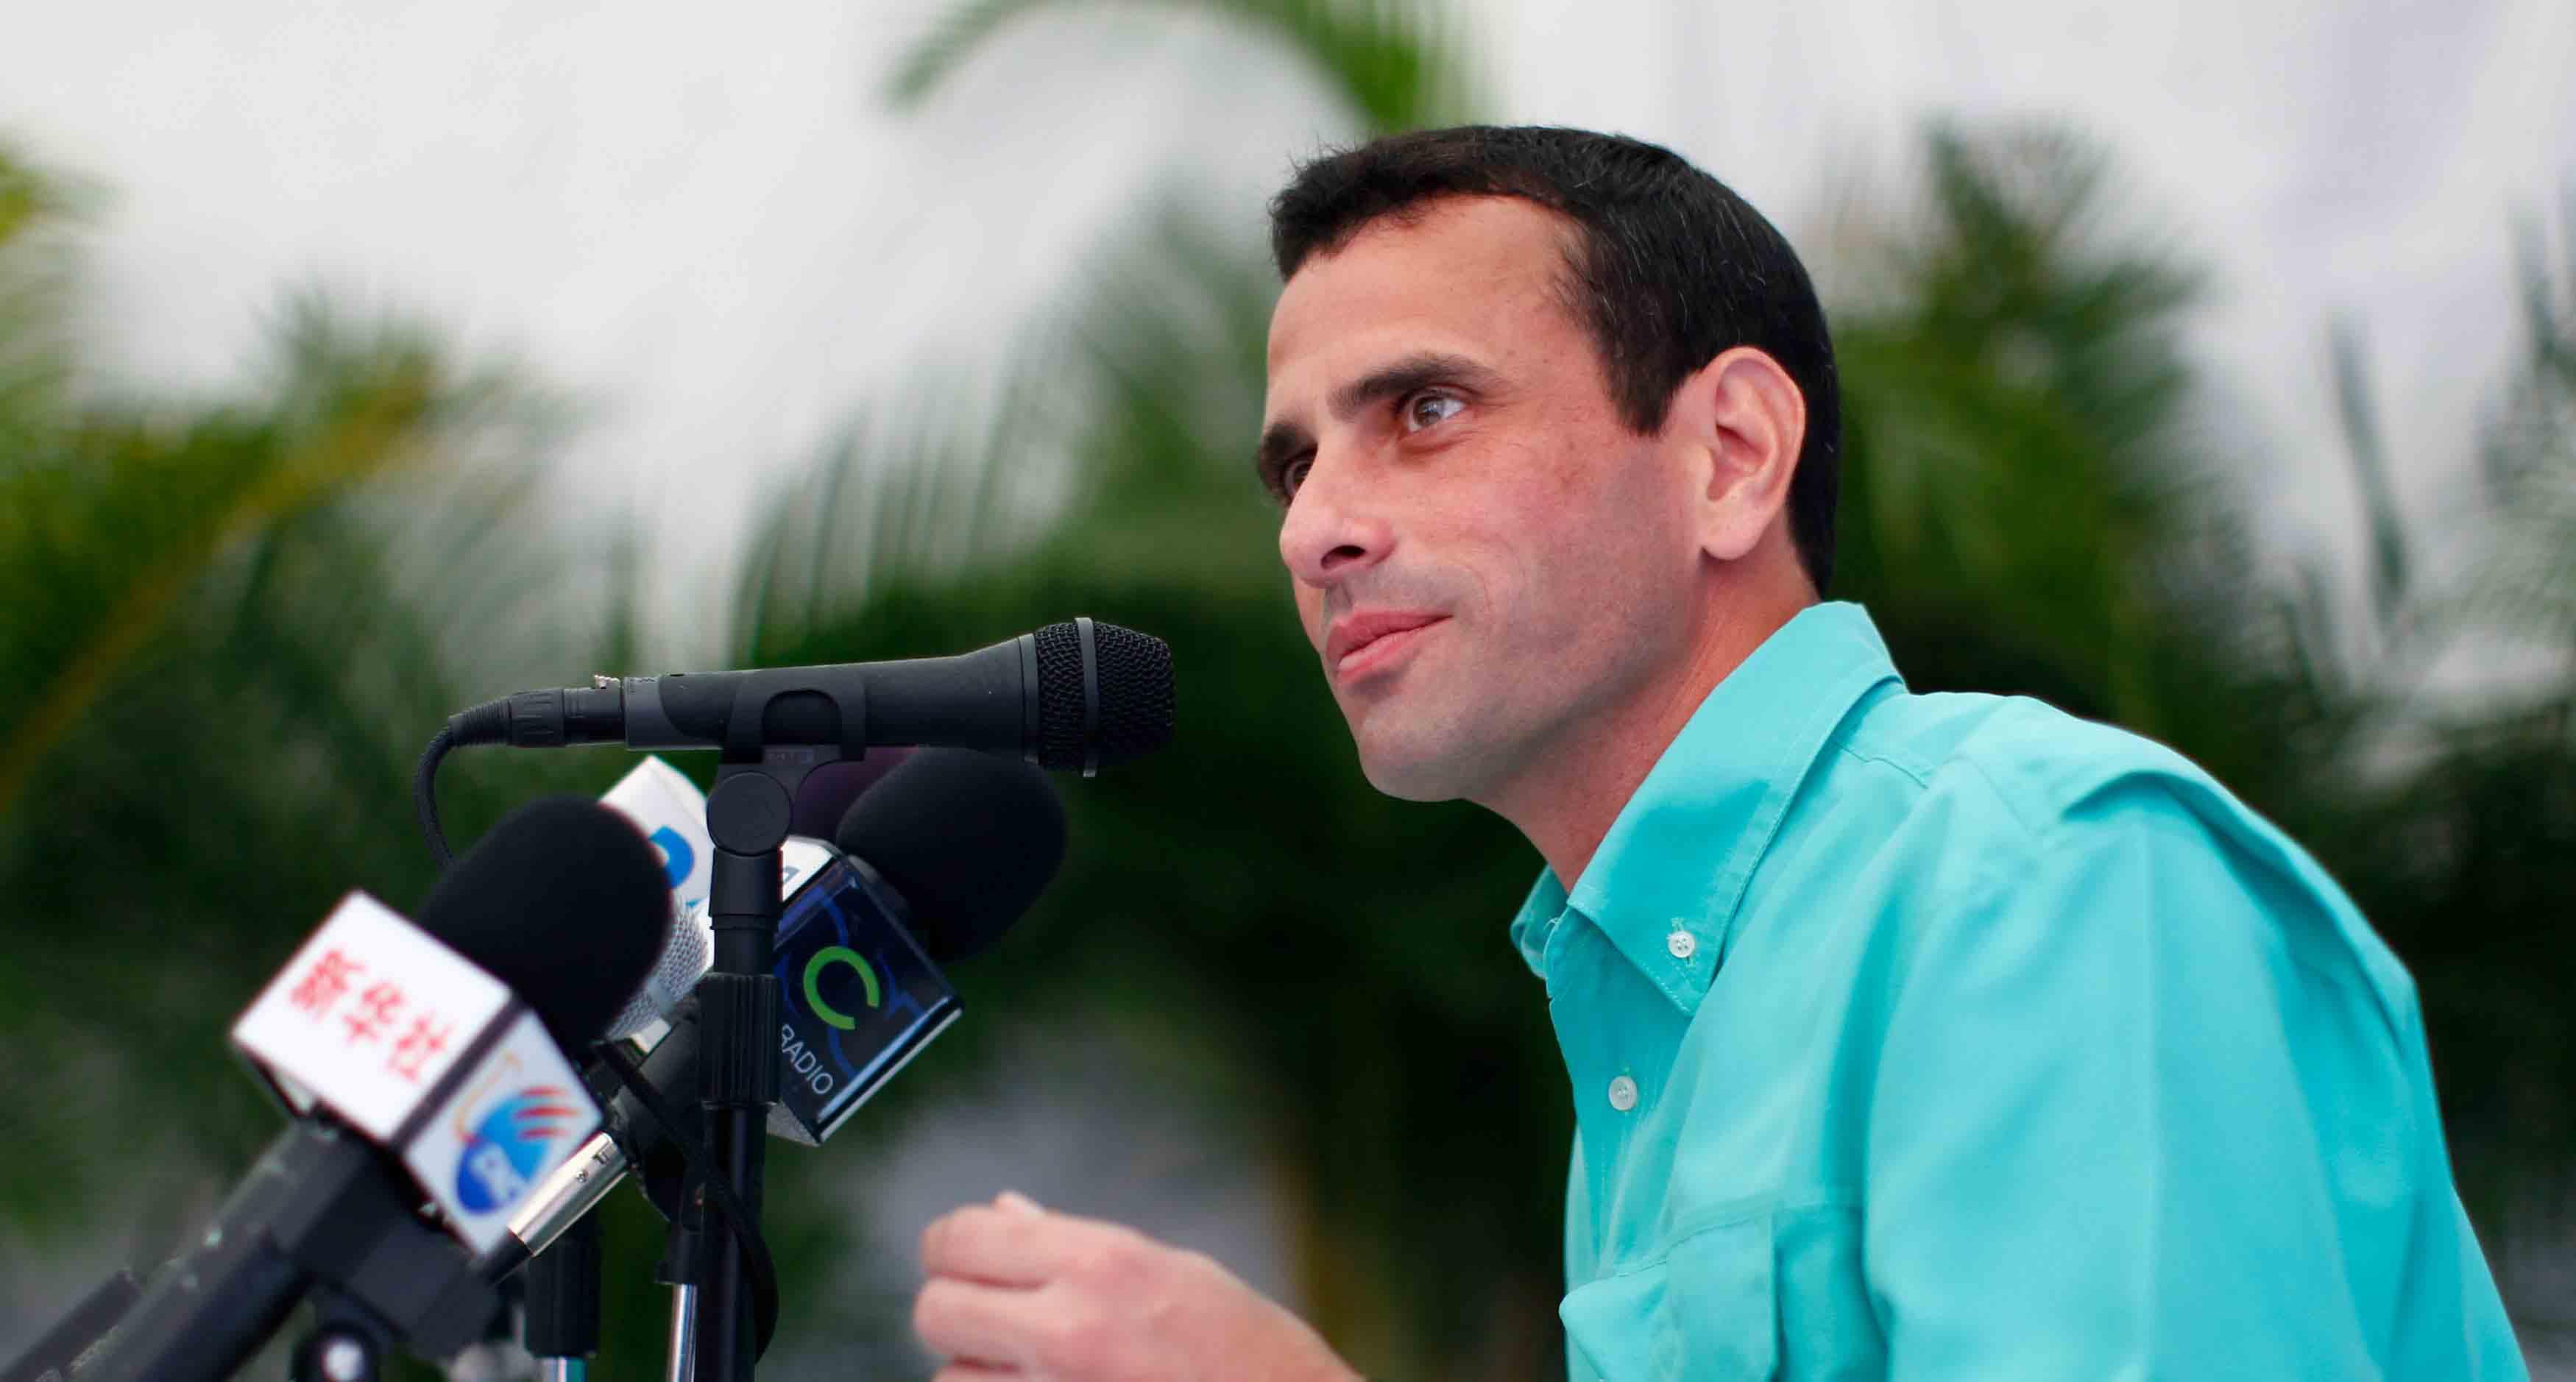 El líder opositor también informó sobre varias denuncias que han recibido de las personas que acudieron al proceso